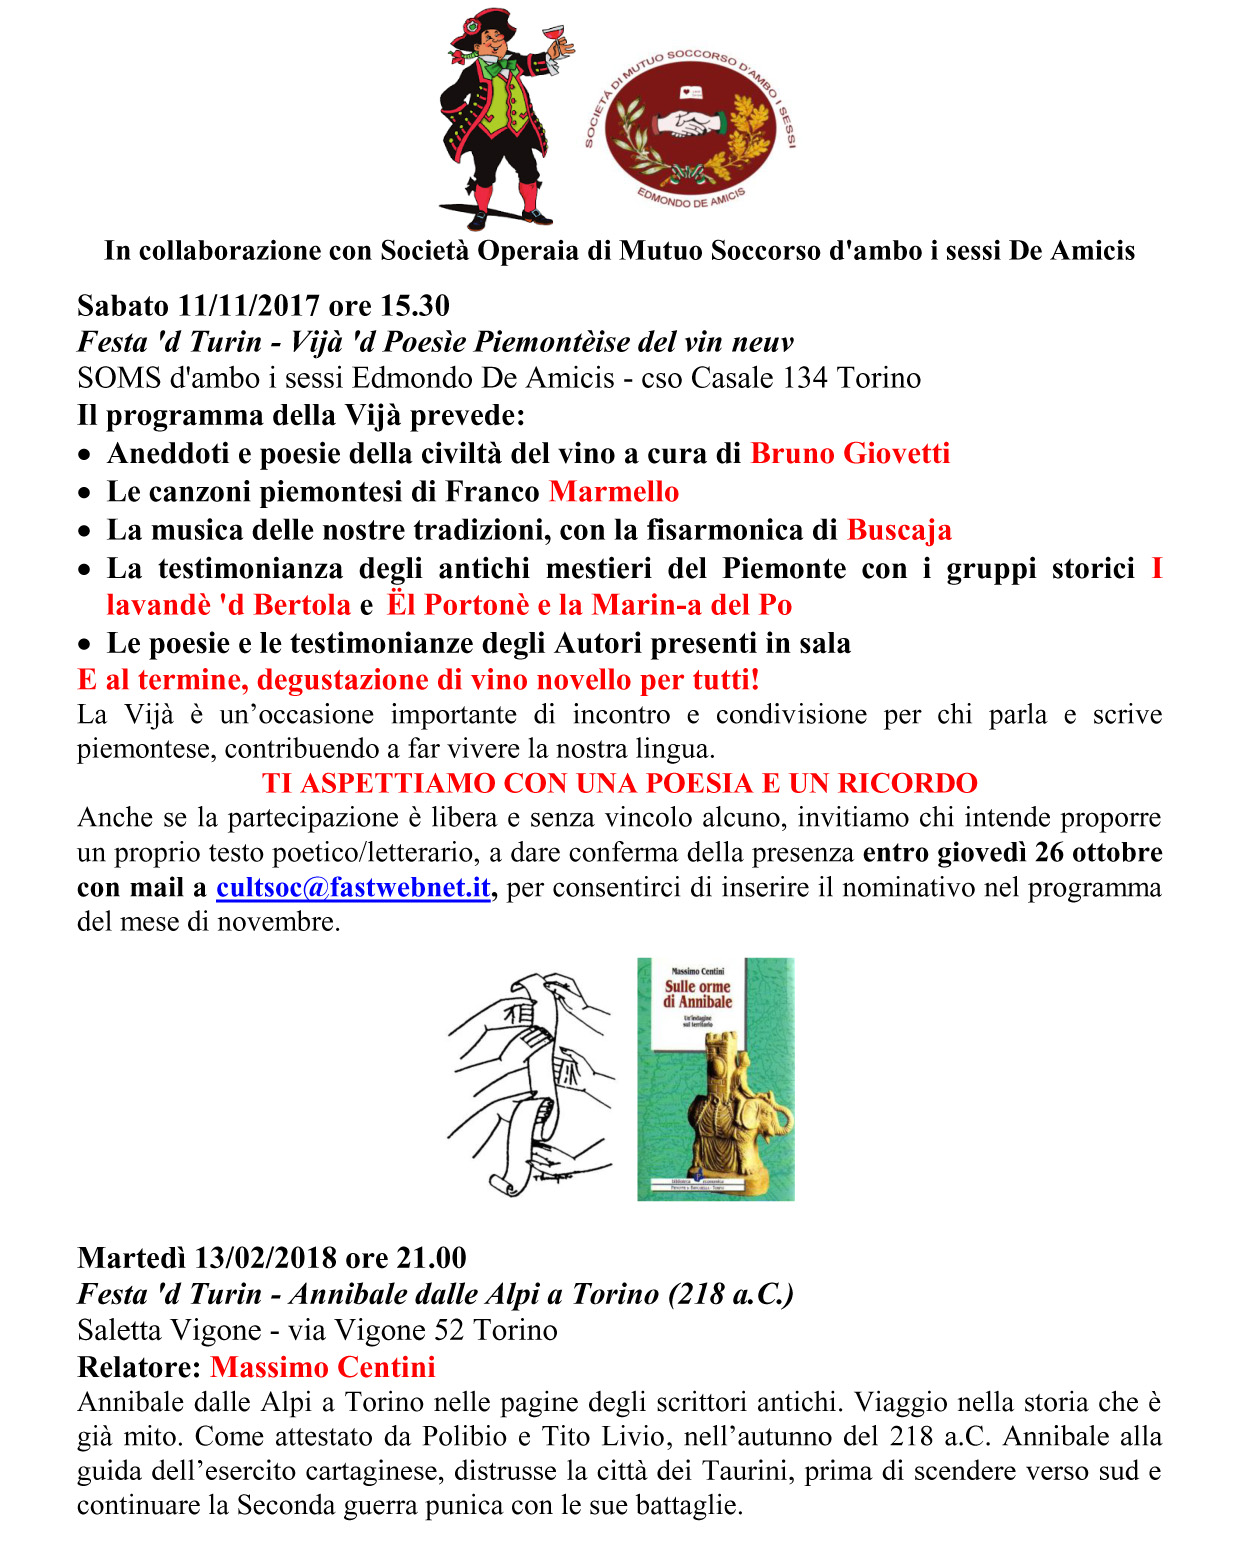 A03 Festa 'd Turin 20174 4